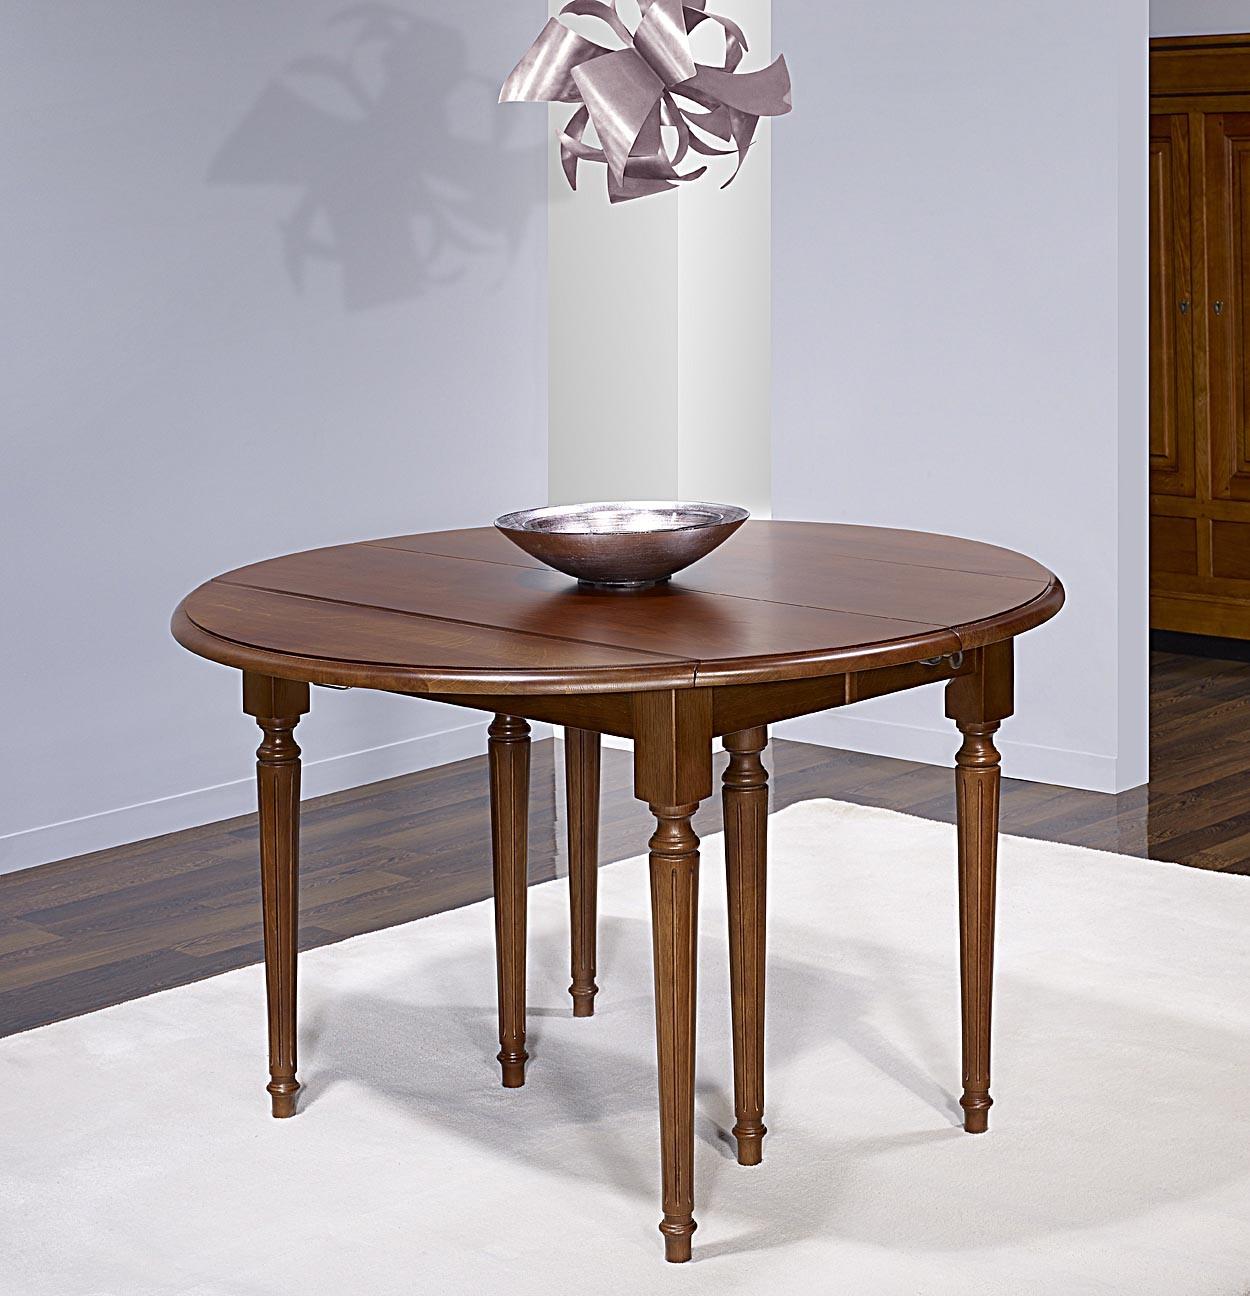 Table ronde volets vera en ch ne massif de style louis - Table ronde chene massif avec allonges ...